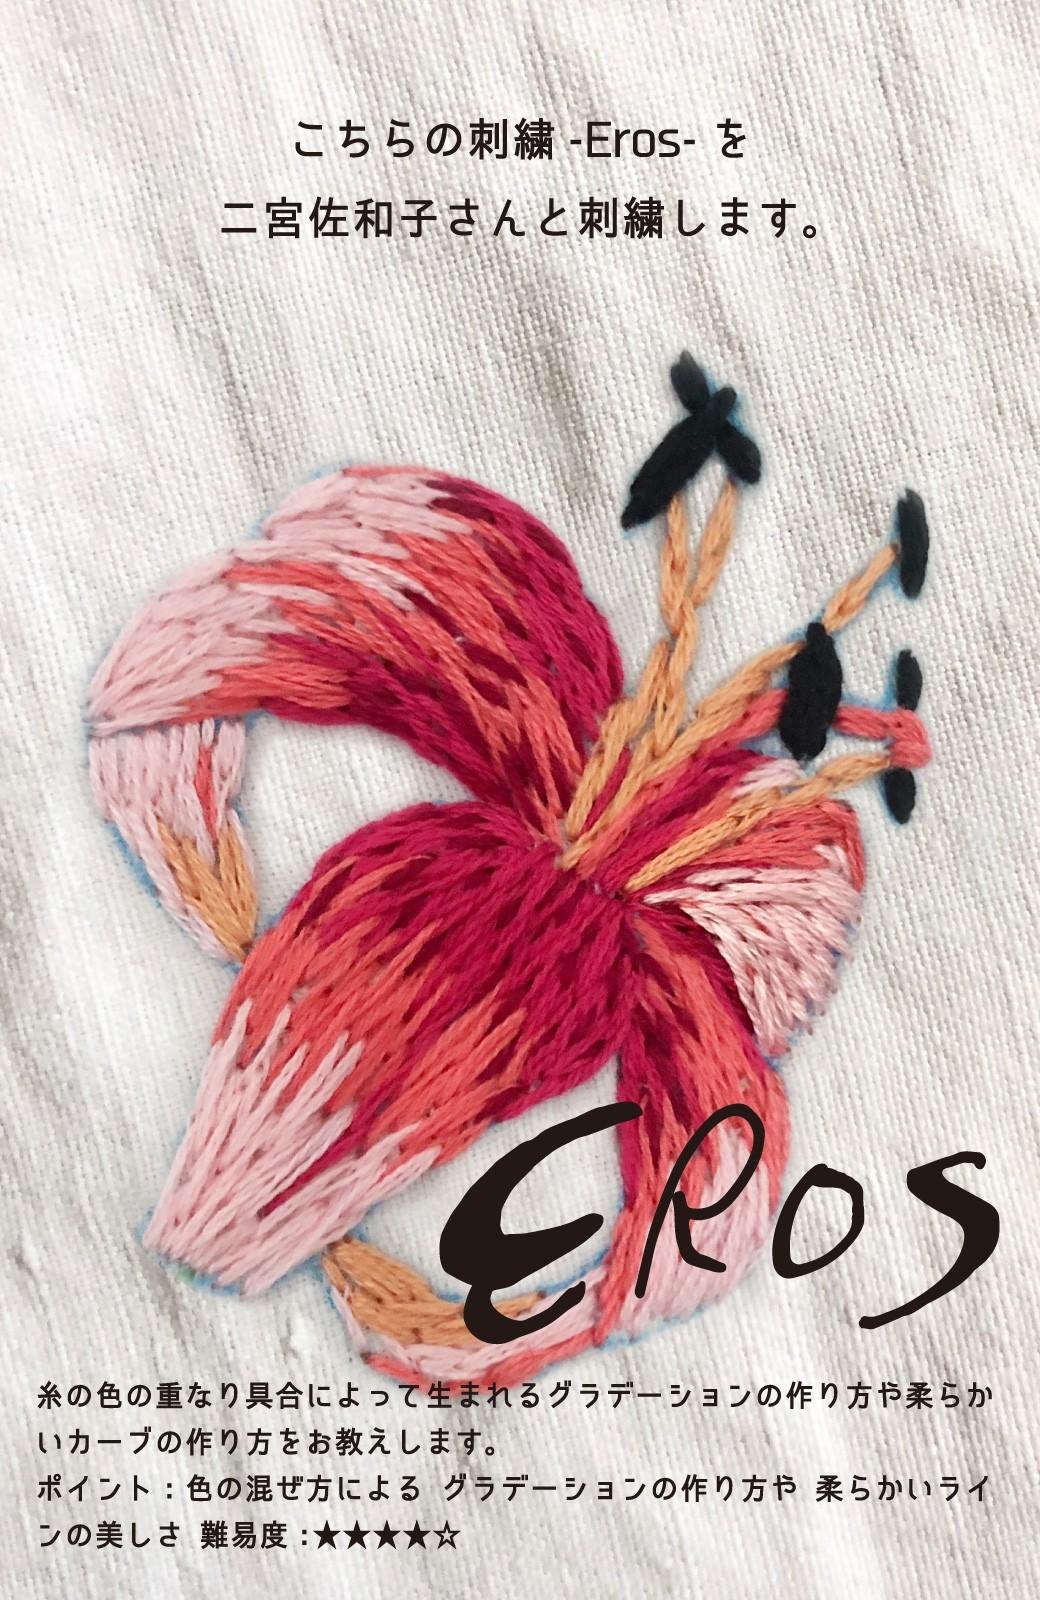 haco! haco! [haco! POST] 刺繍アーティスト二宮佐和子さんとみんなでワイワイ刺繍!zoom縫いワークショップ参加チケット 6/28・7/1開催<eros> <その他>の商品写真2